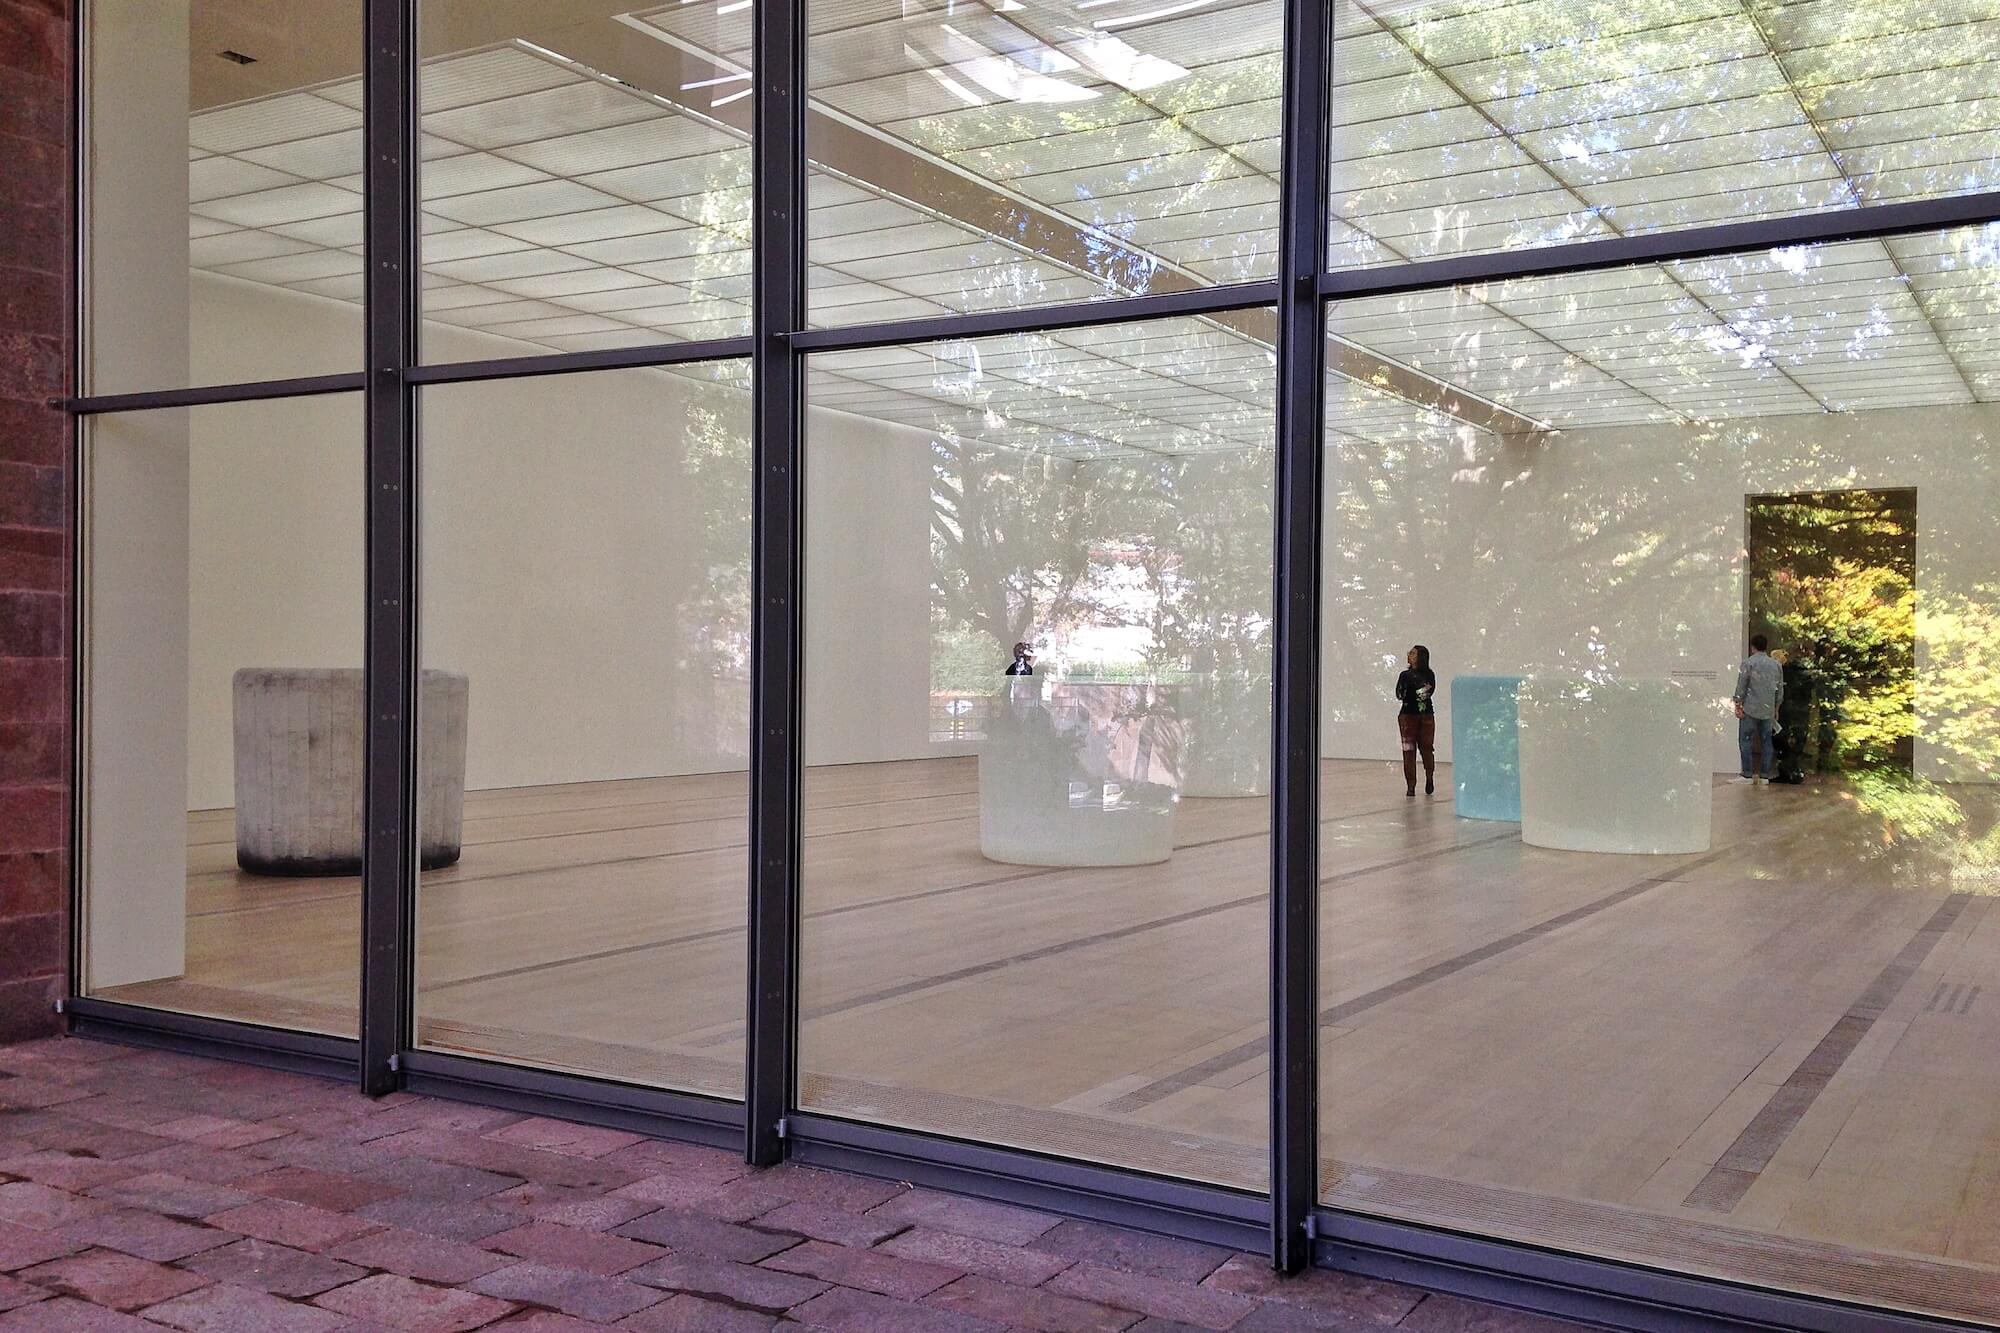 Wandelbarkeit und Identität stehen im Zentrum des Werks von Roni Horn. Erstmals zeigt die Fondation Beyeler jetzt die Arbeiten der Künstlerin.